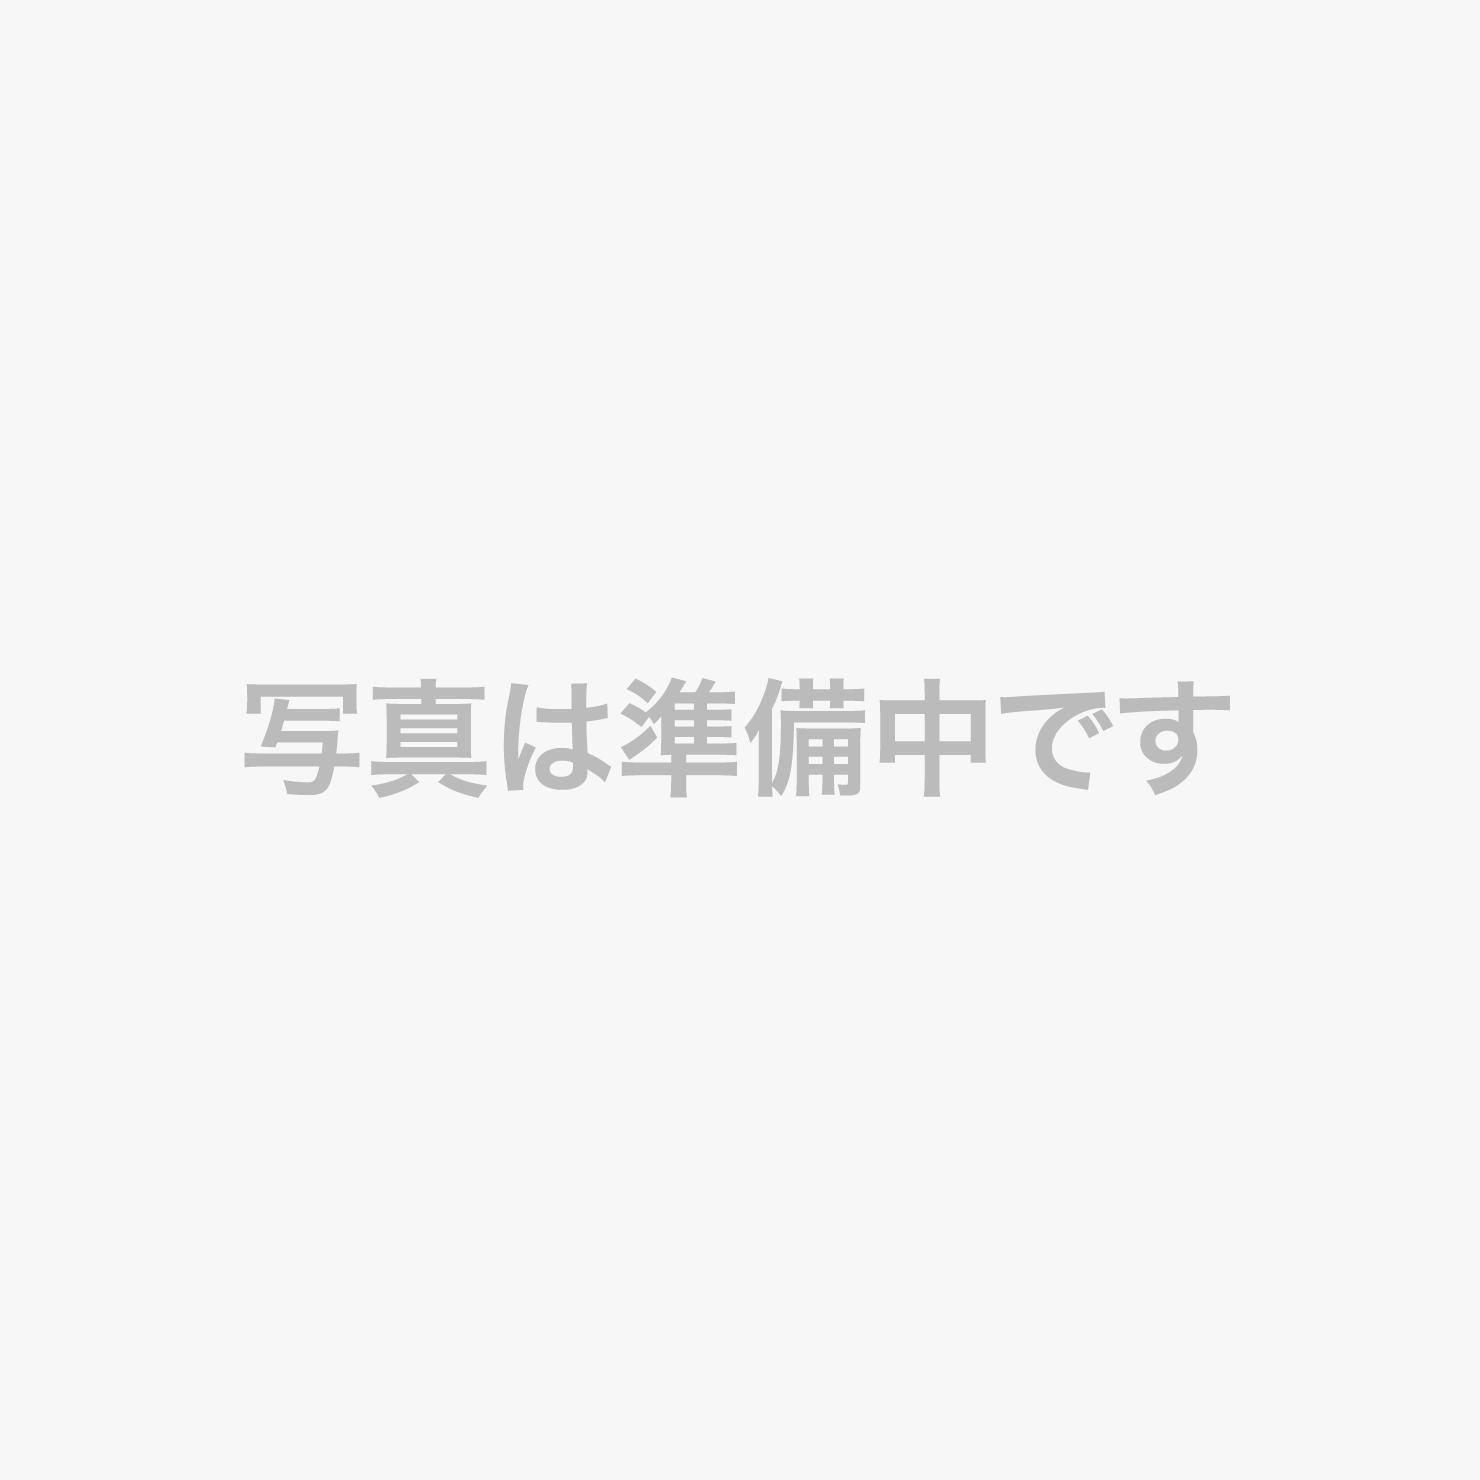 【ロビー】